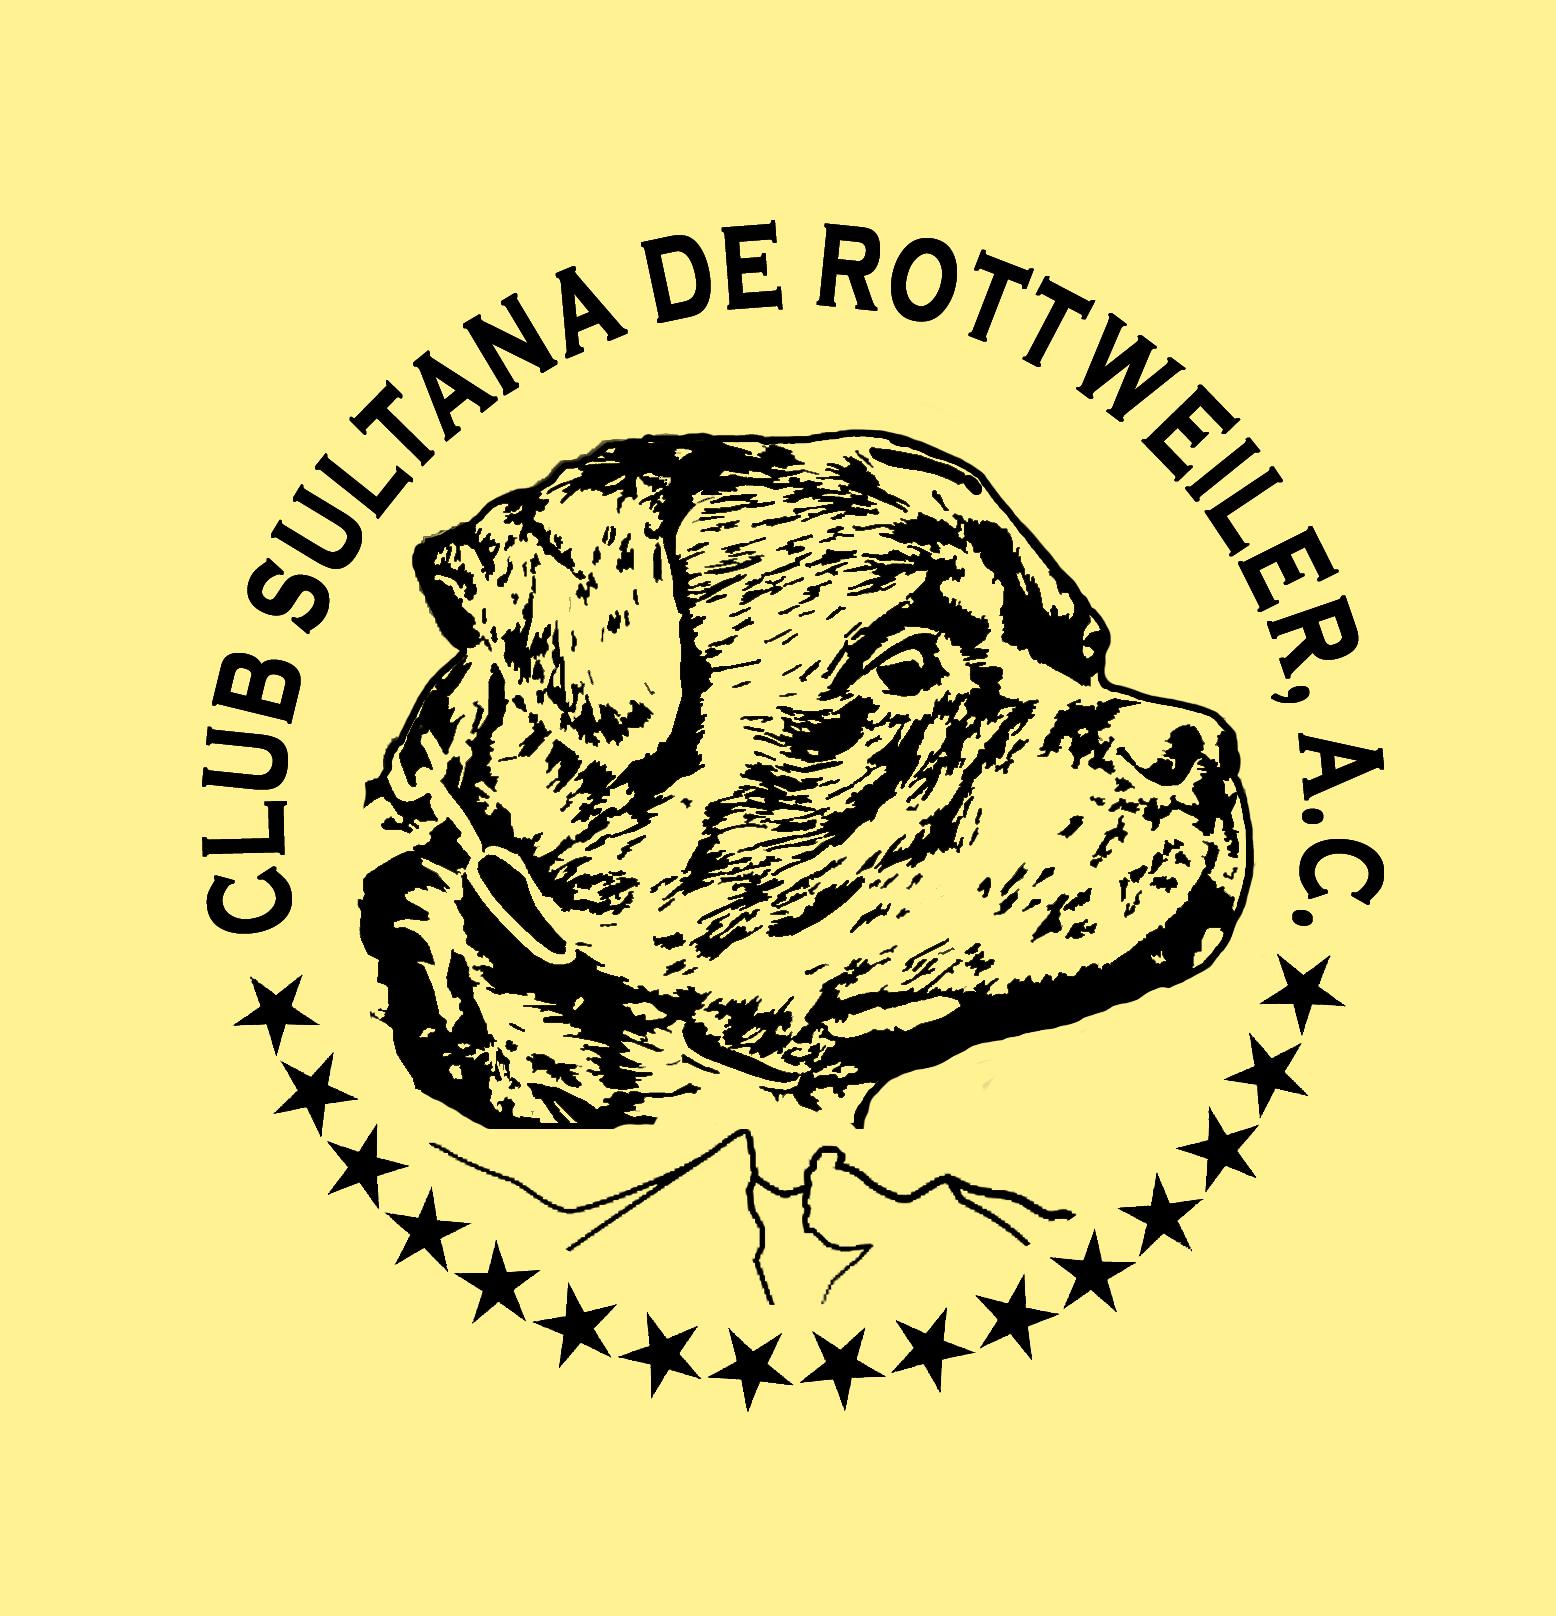 Club Sultana de Rottweiler, AC.